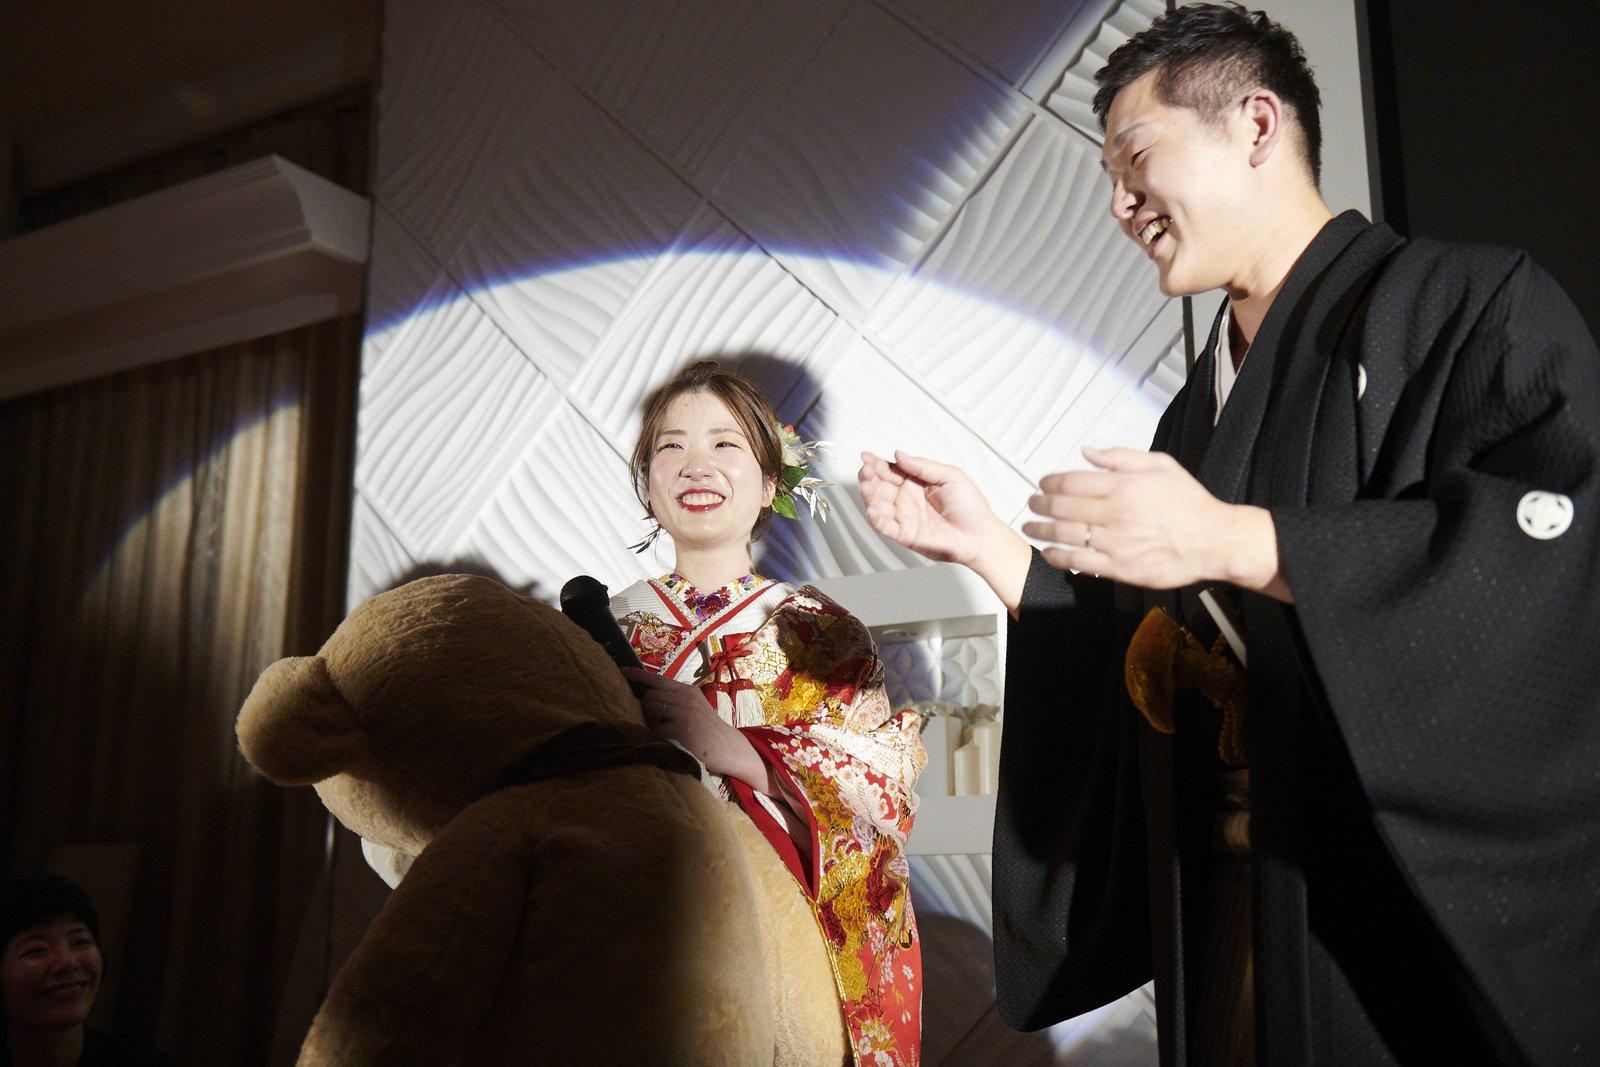 徳島市の結婚式場ブランアンジュで新郎様からプレゼントをもらい嬉しそうにほほえむ新婦様